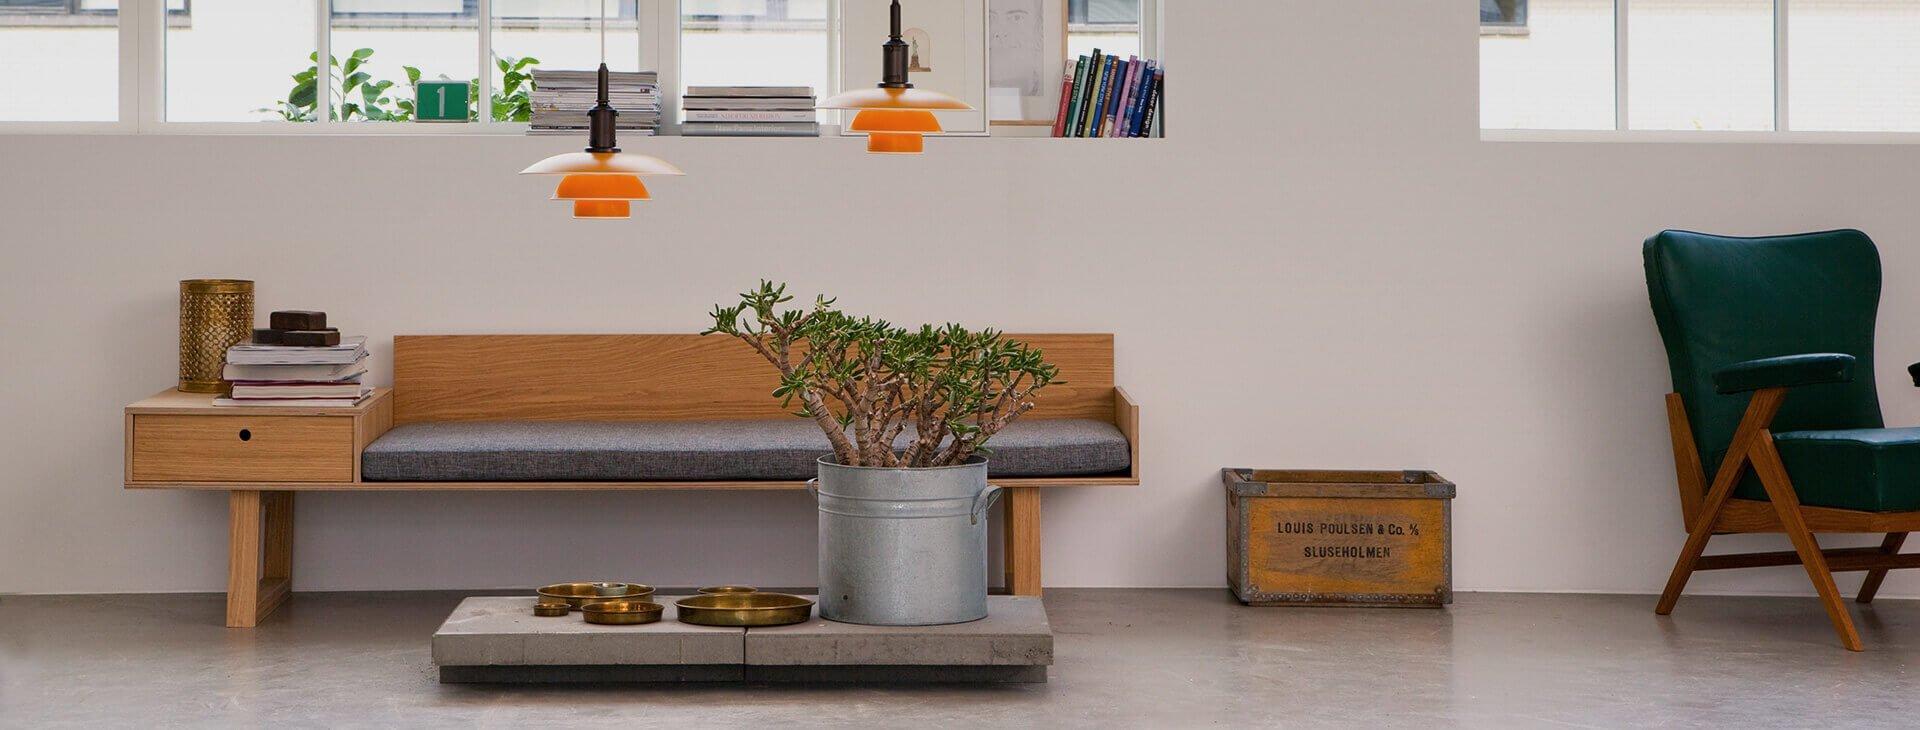 louis poulsen ihre brands im stilwerk berlin. Black Bedroom Furniture Sets. Home Design Ideas